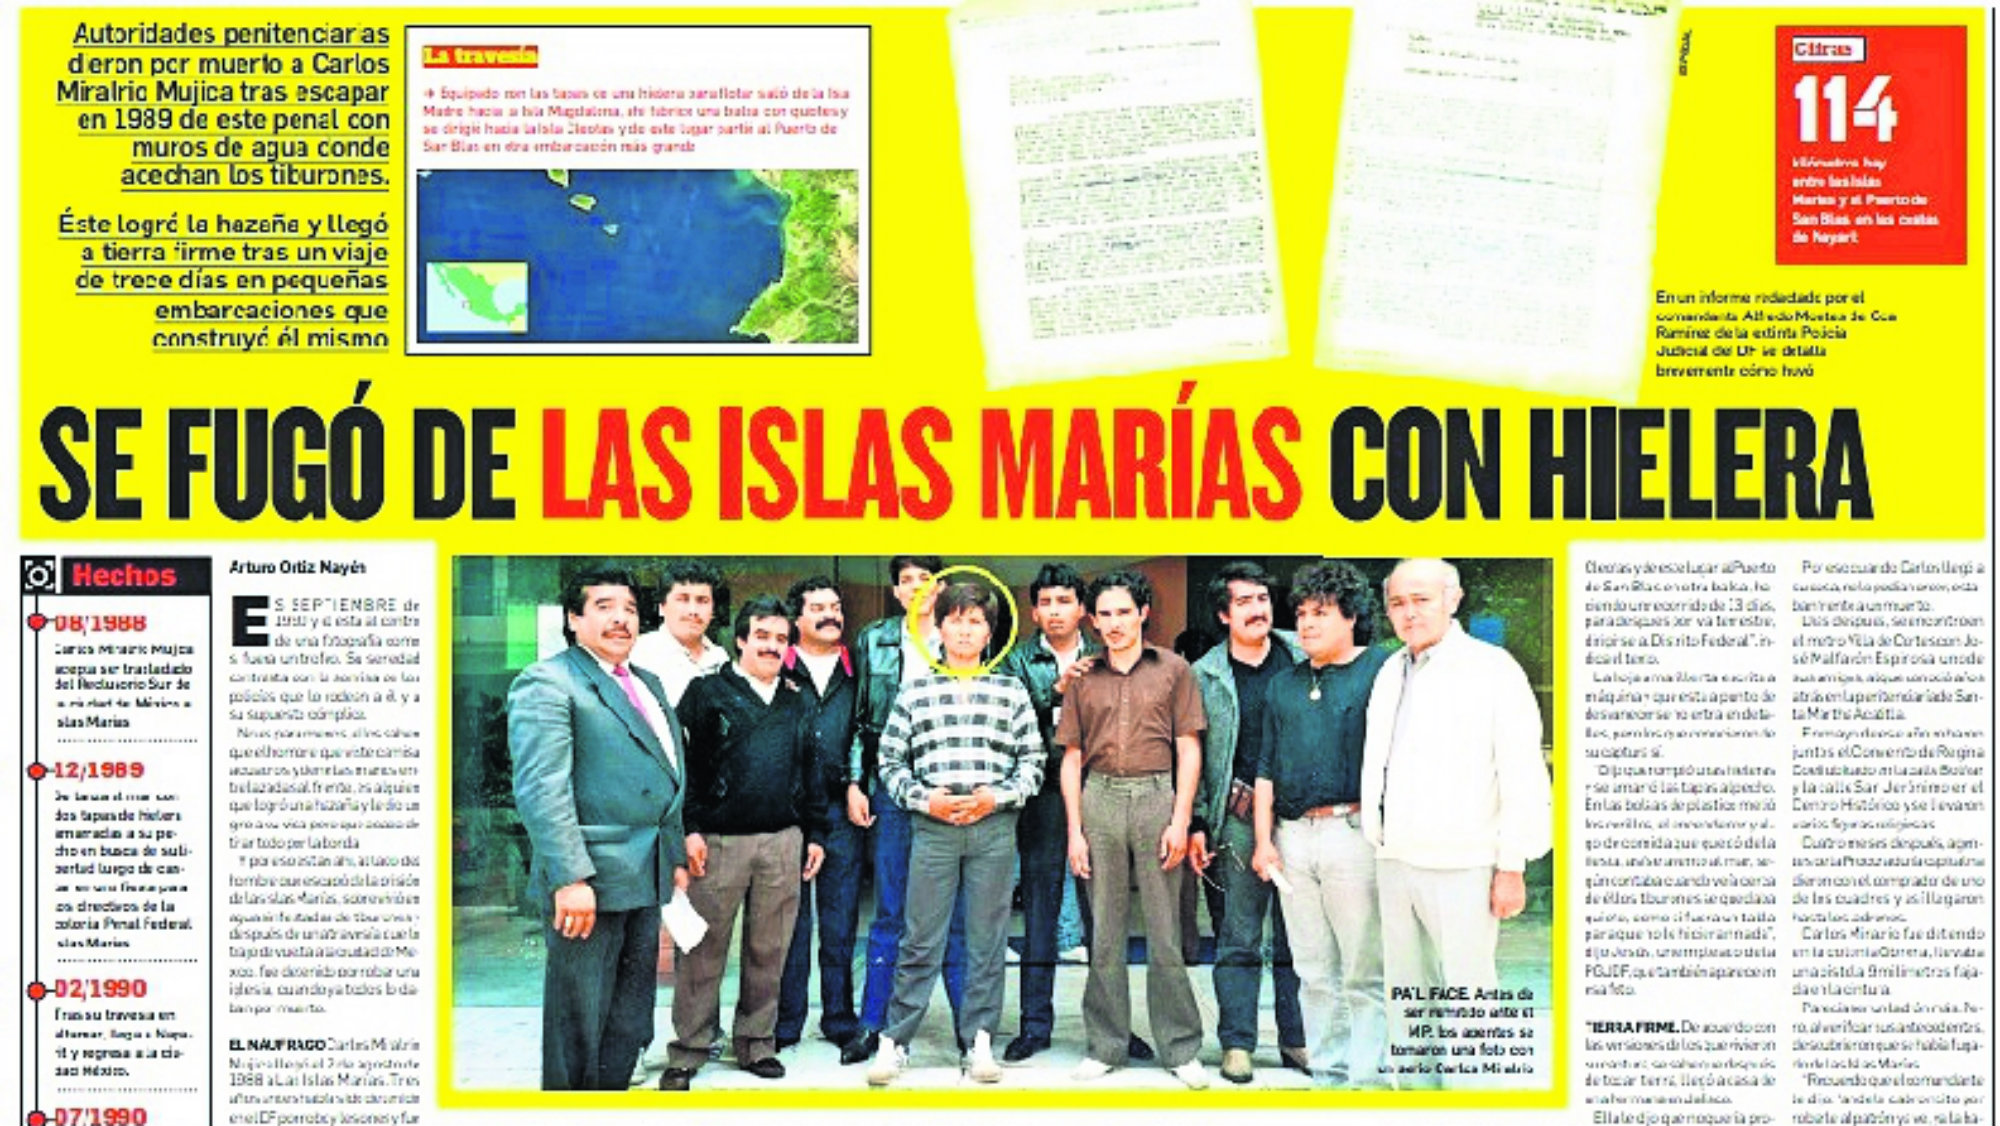 Islas María Miralrio Mujica Prófugo